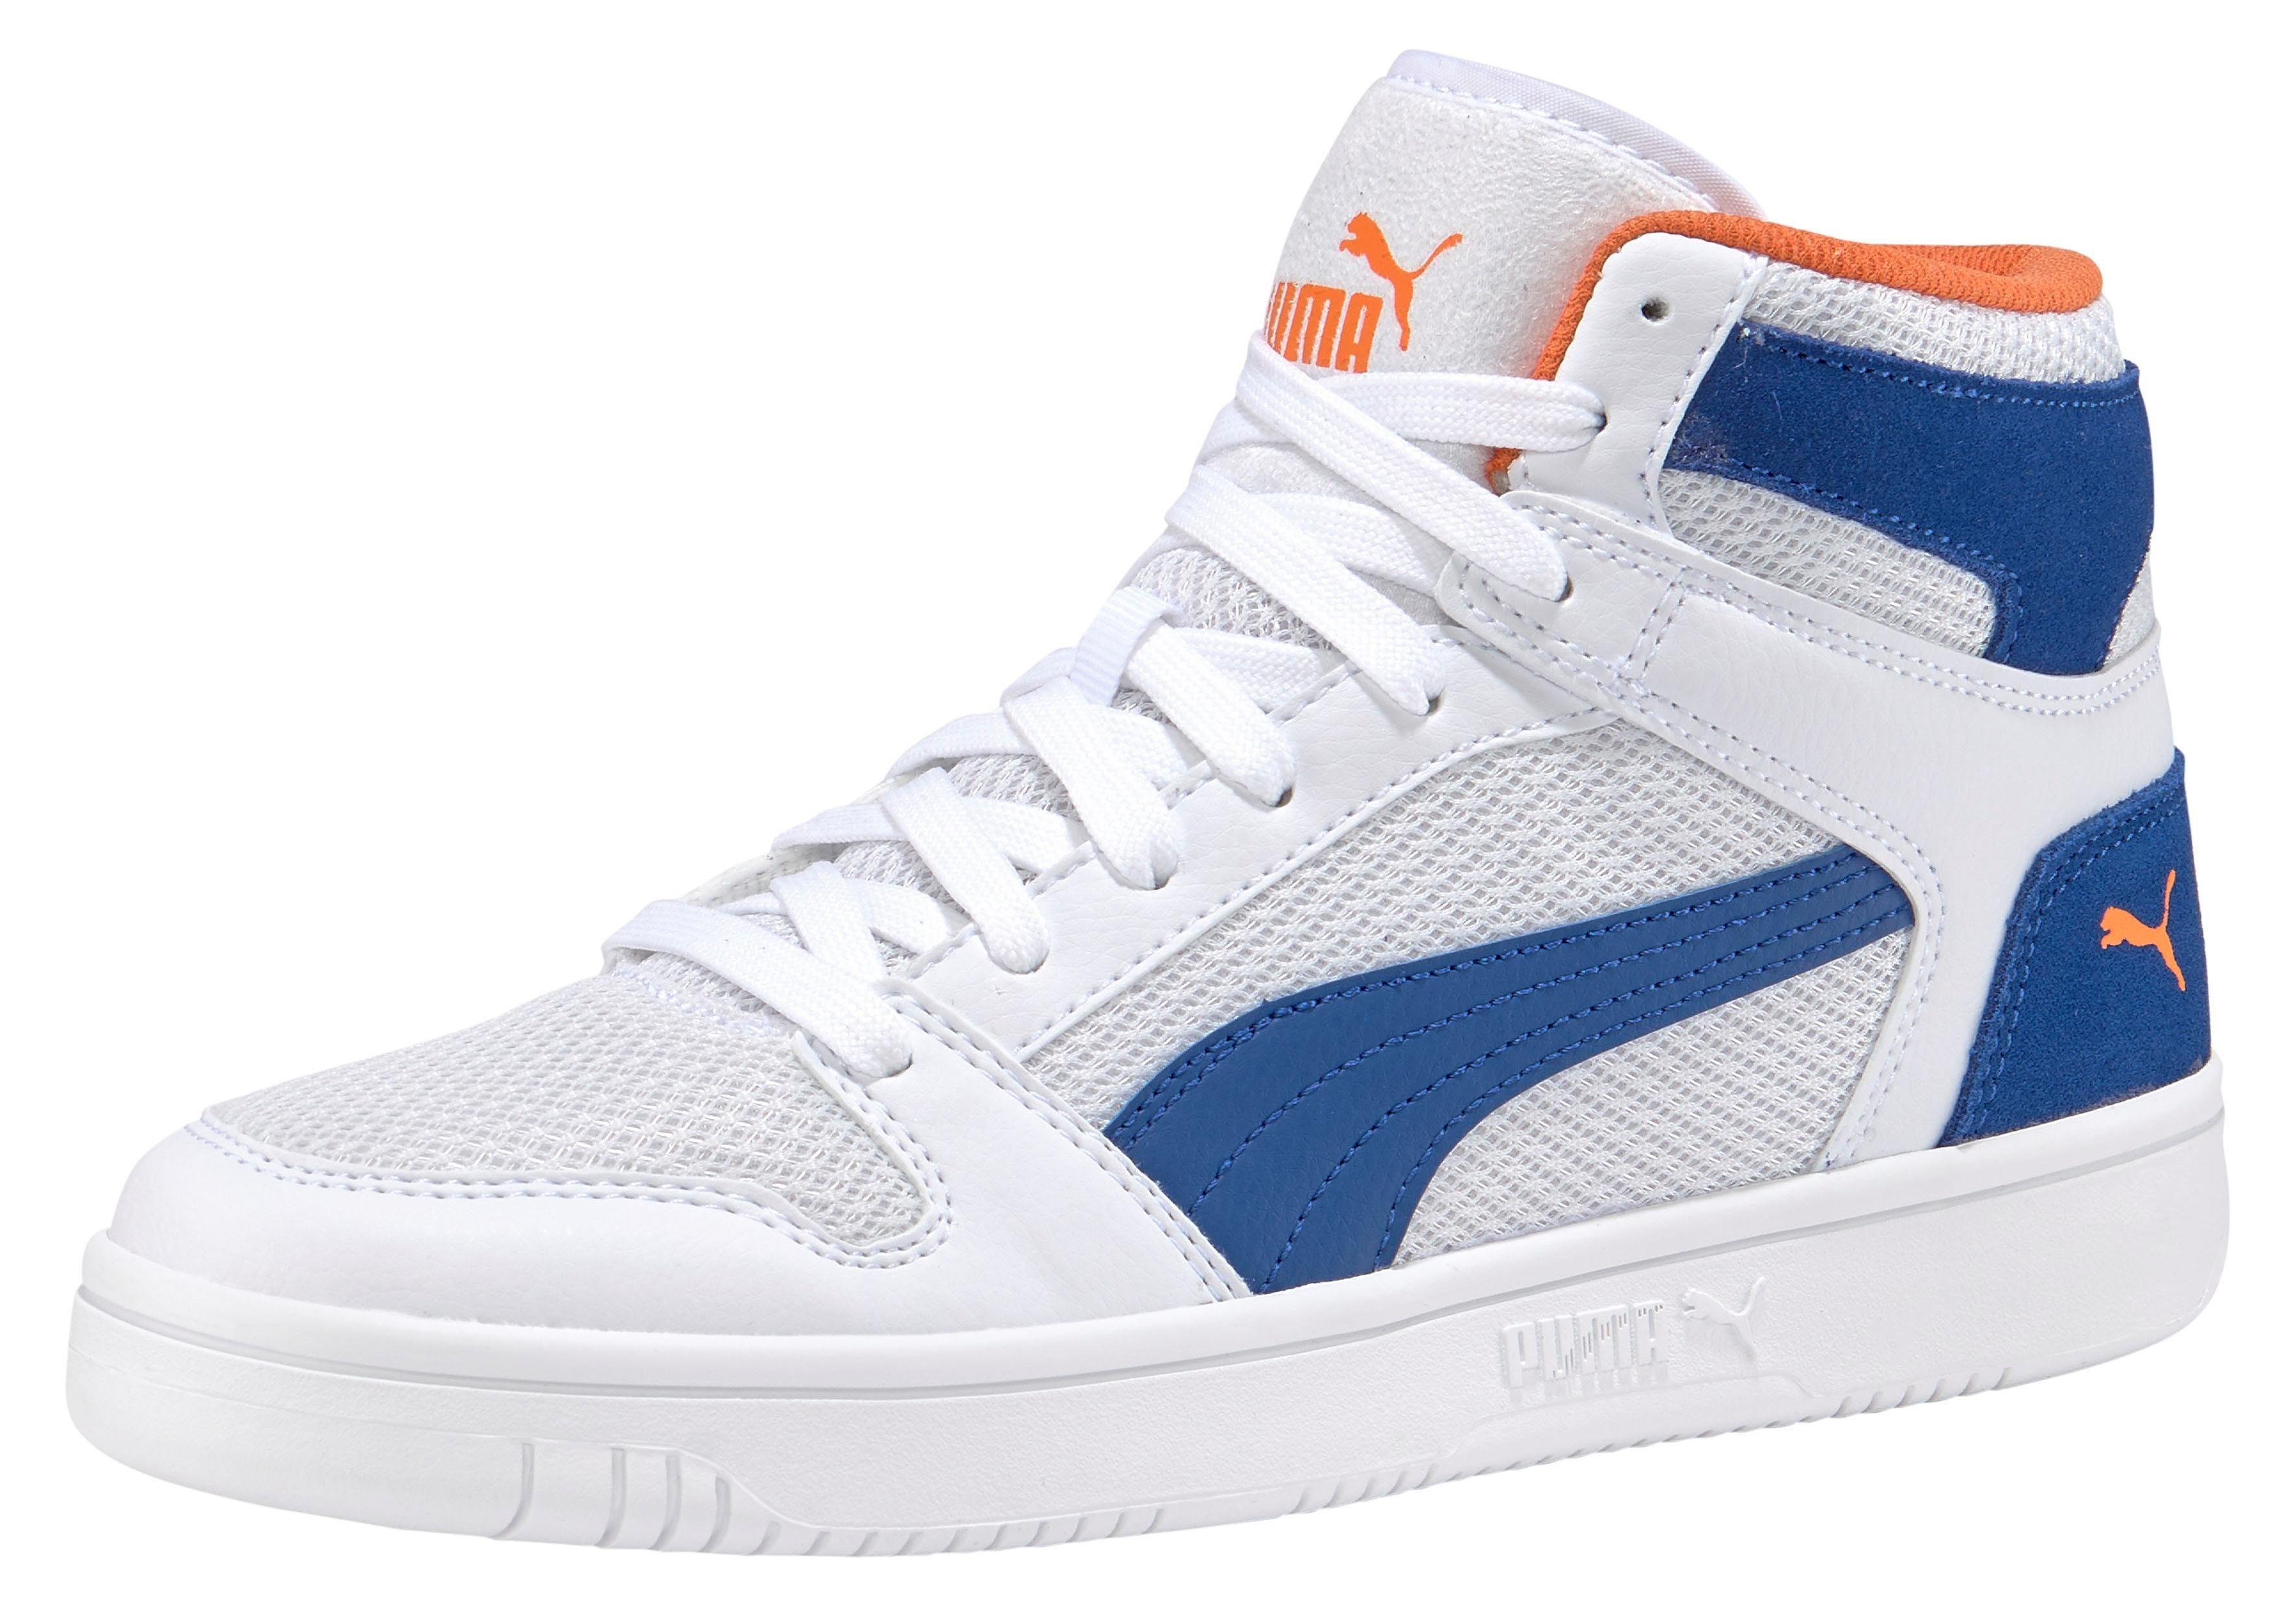 PUMA »Rebound LayUp Mesh« Sneaker, Modischer Sneaker von Puma online kaufen | OTTO